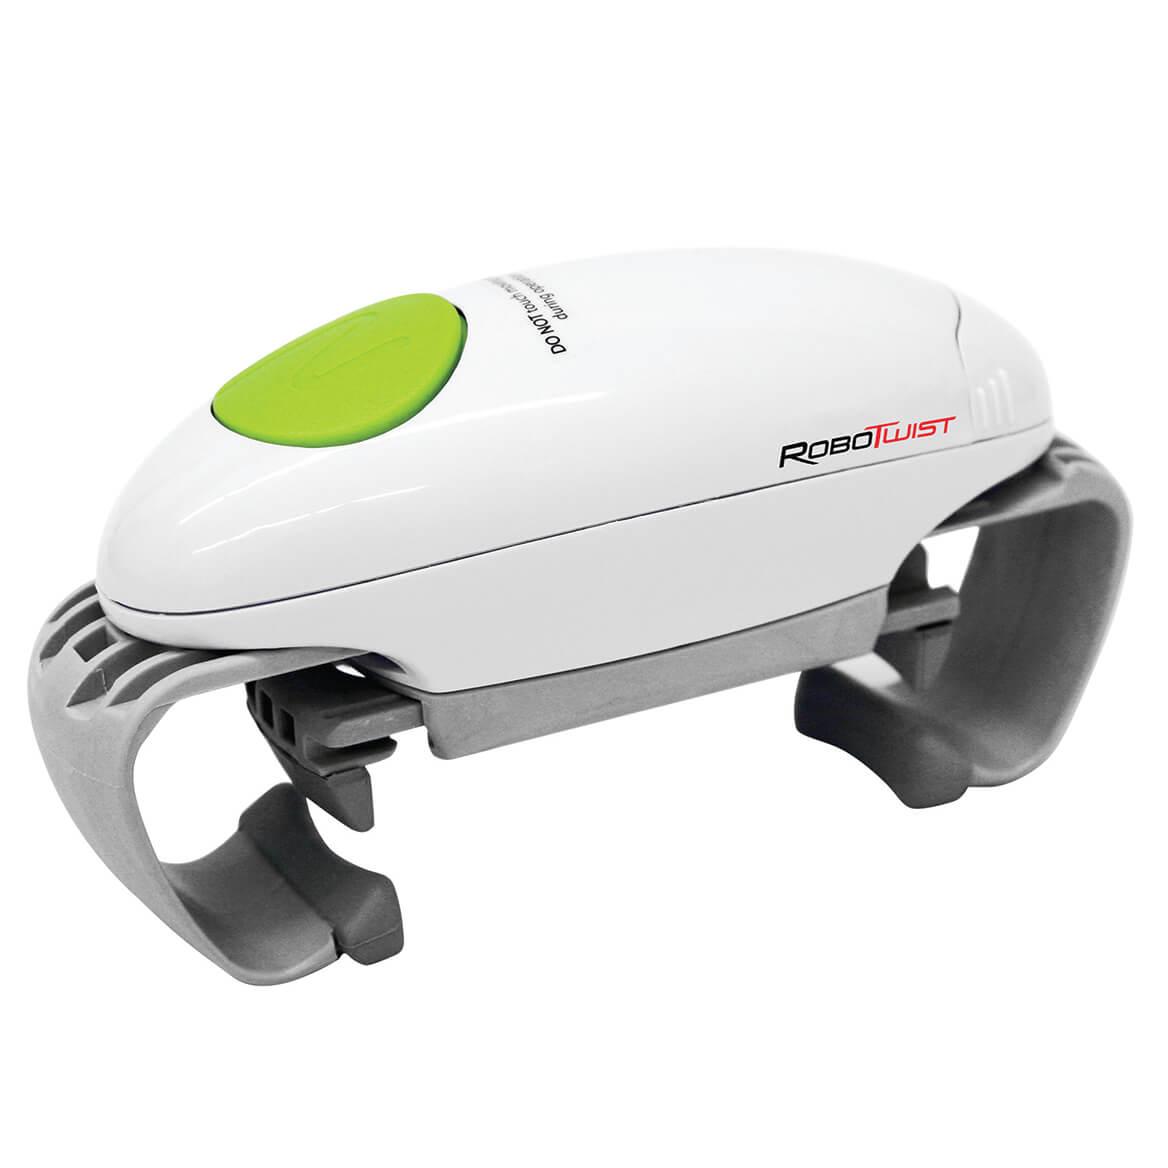 Robotwist-369723